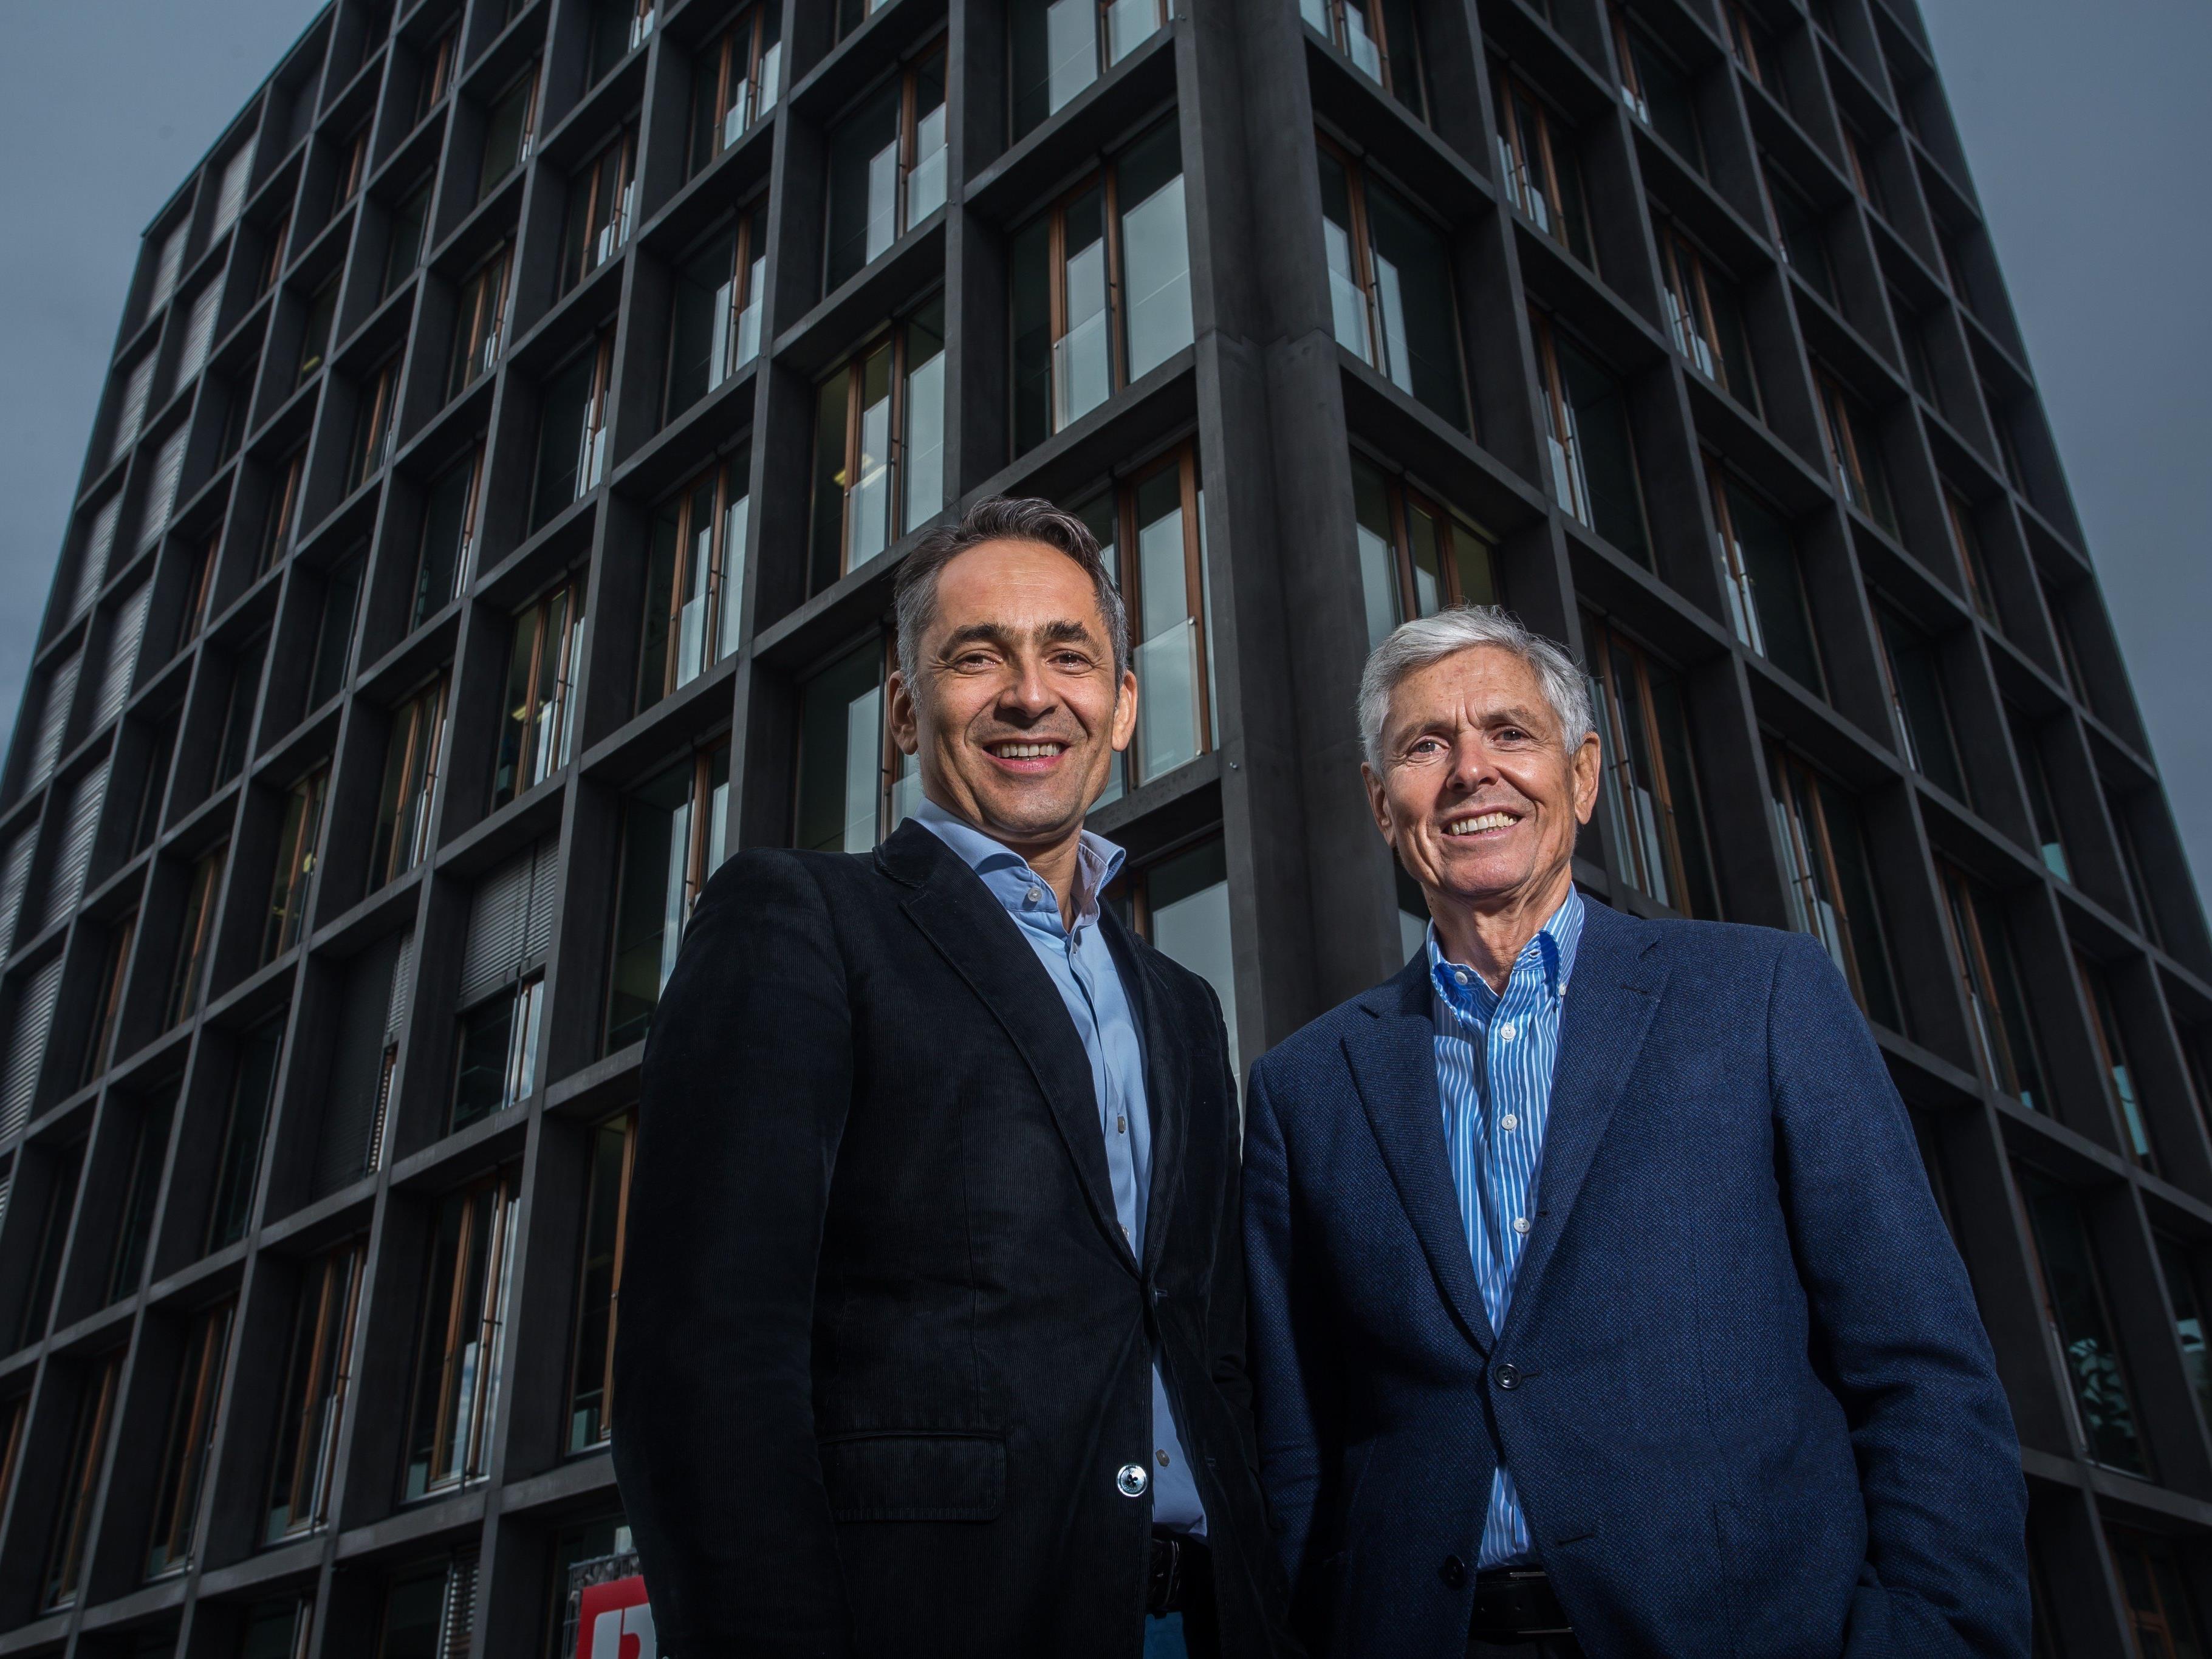 Walter-Heinz und Hubert Rhomberg blicken auf eine 130-jährige Erfolgsgeschichte zurück.